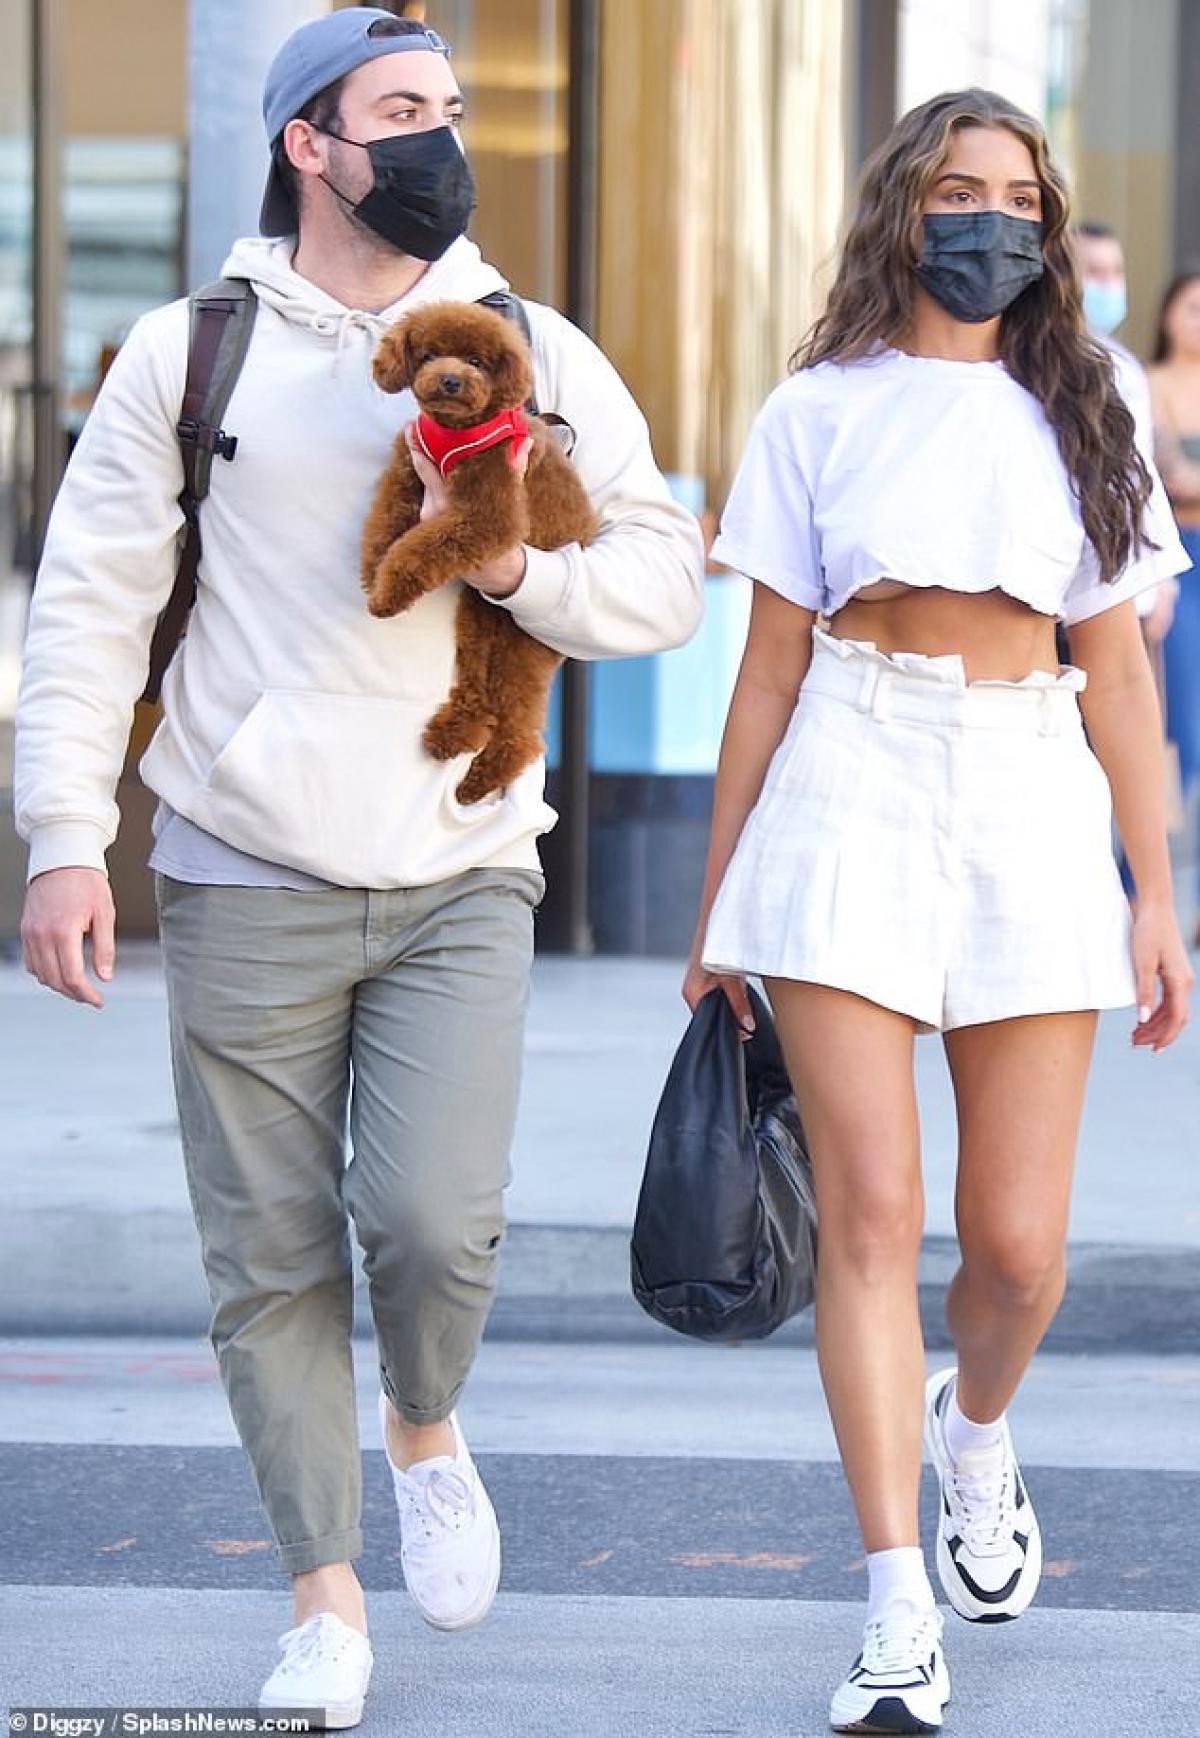 Olivia Culpo xinh đẹp đi dạo phố cùng bạn khác giới Ảnh 1